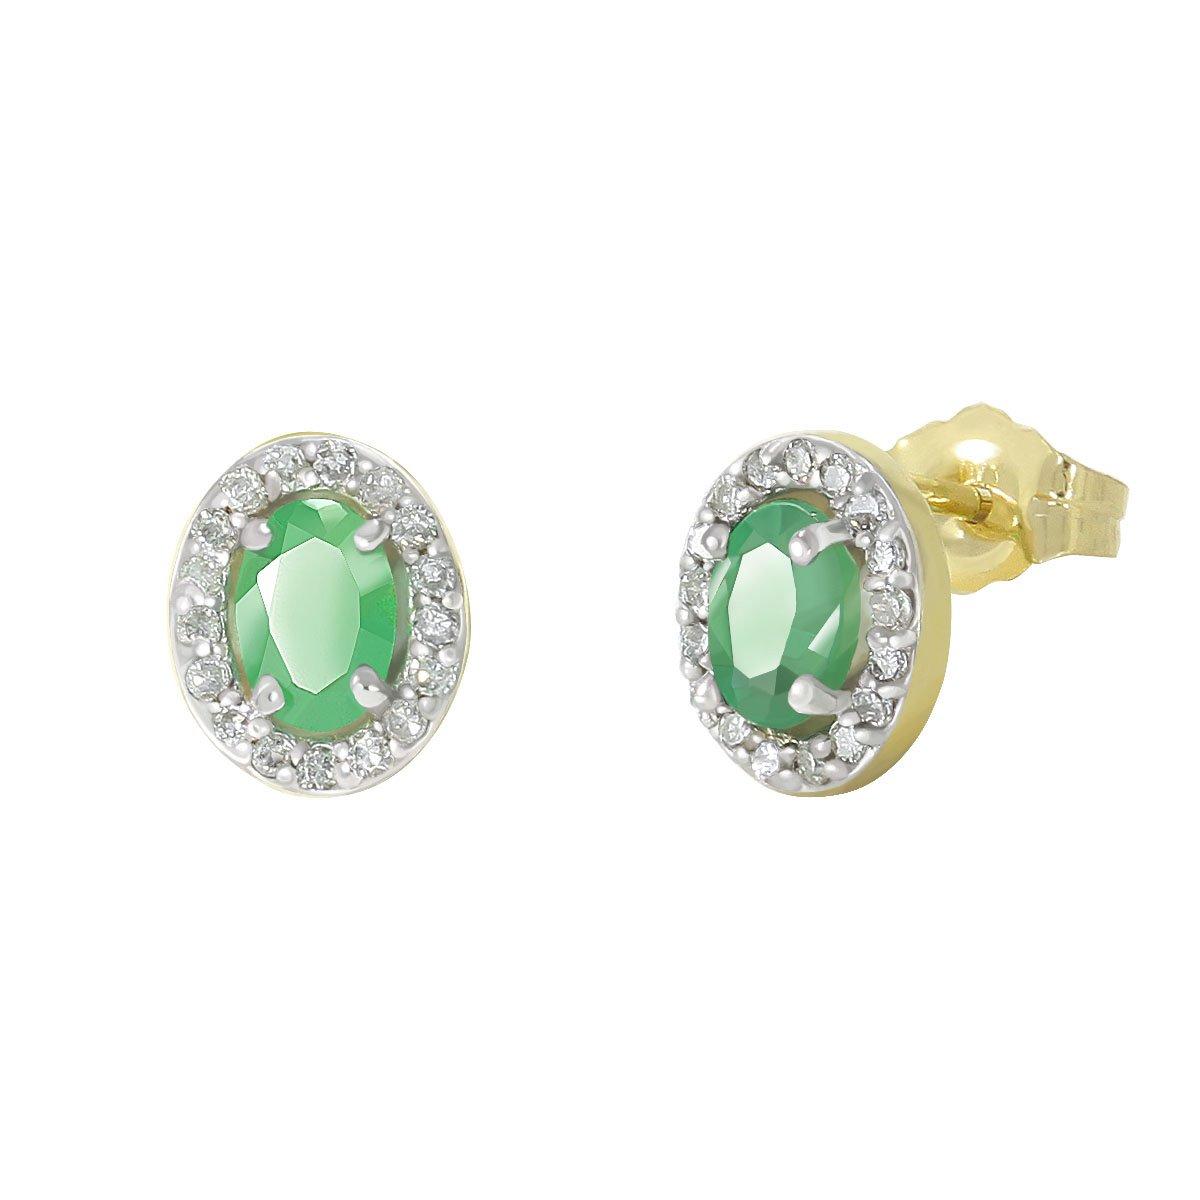 98520df043cd Broqueles Oro 14 K Amarillo con 0.50 Ct. Esmeralda Oval y 0.17 Ct.  Diamantes Gn Sestie-3Y